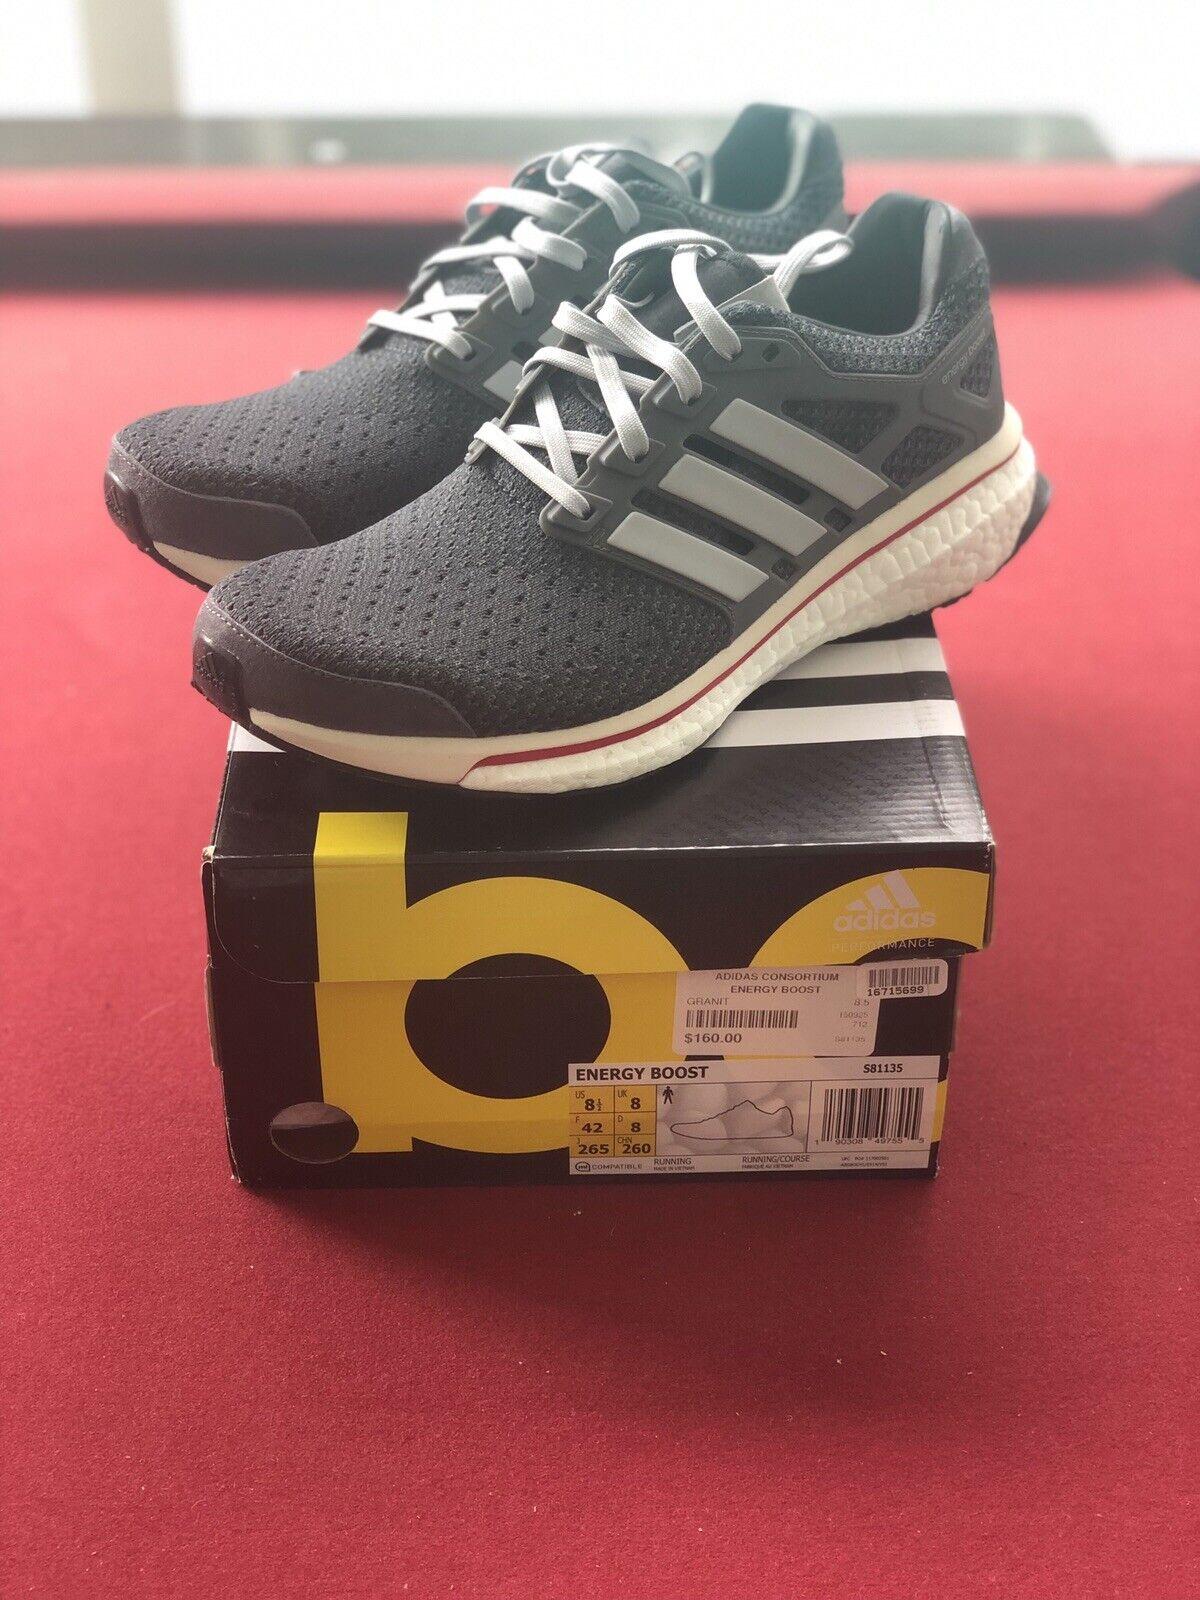 Adidas Energy Boost 'correre Thru Time' Granite aro S81135 Dimensione 8.5 Sautope classeiche da uomo